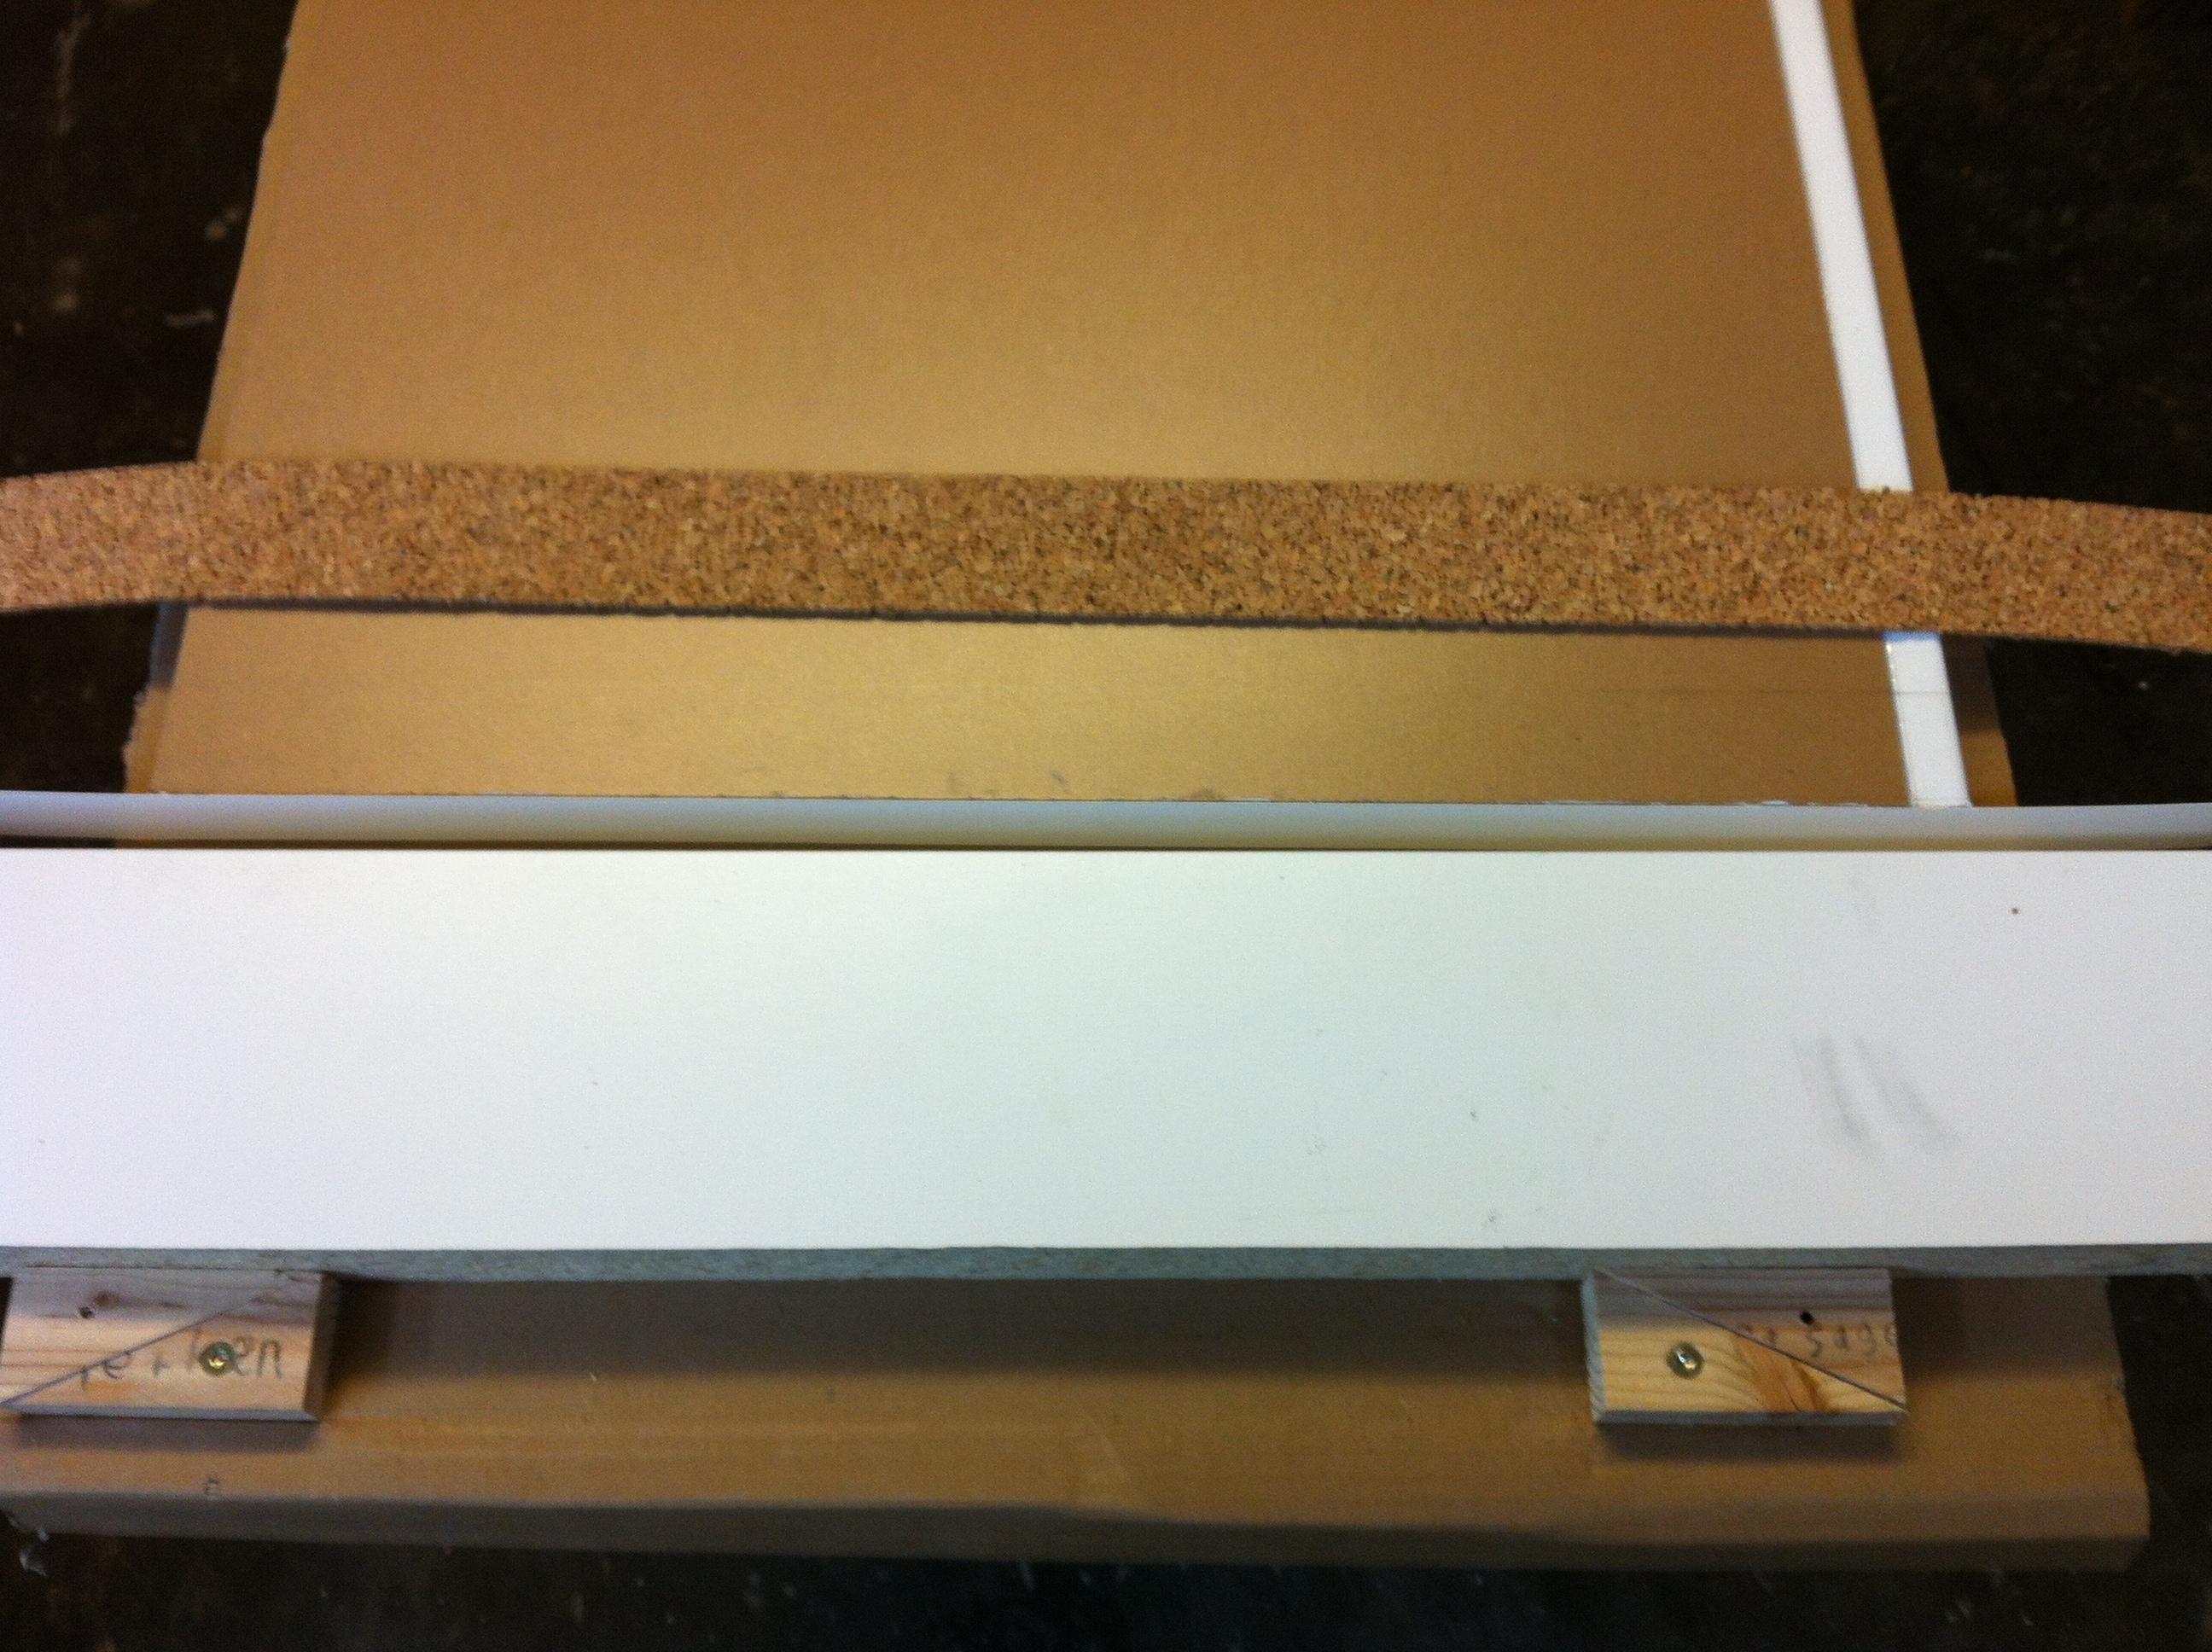 ehebett aus ikea-arbeitsplatten selbst gebaut